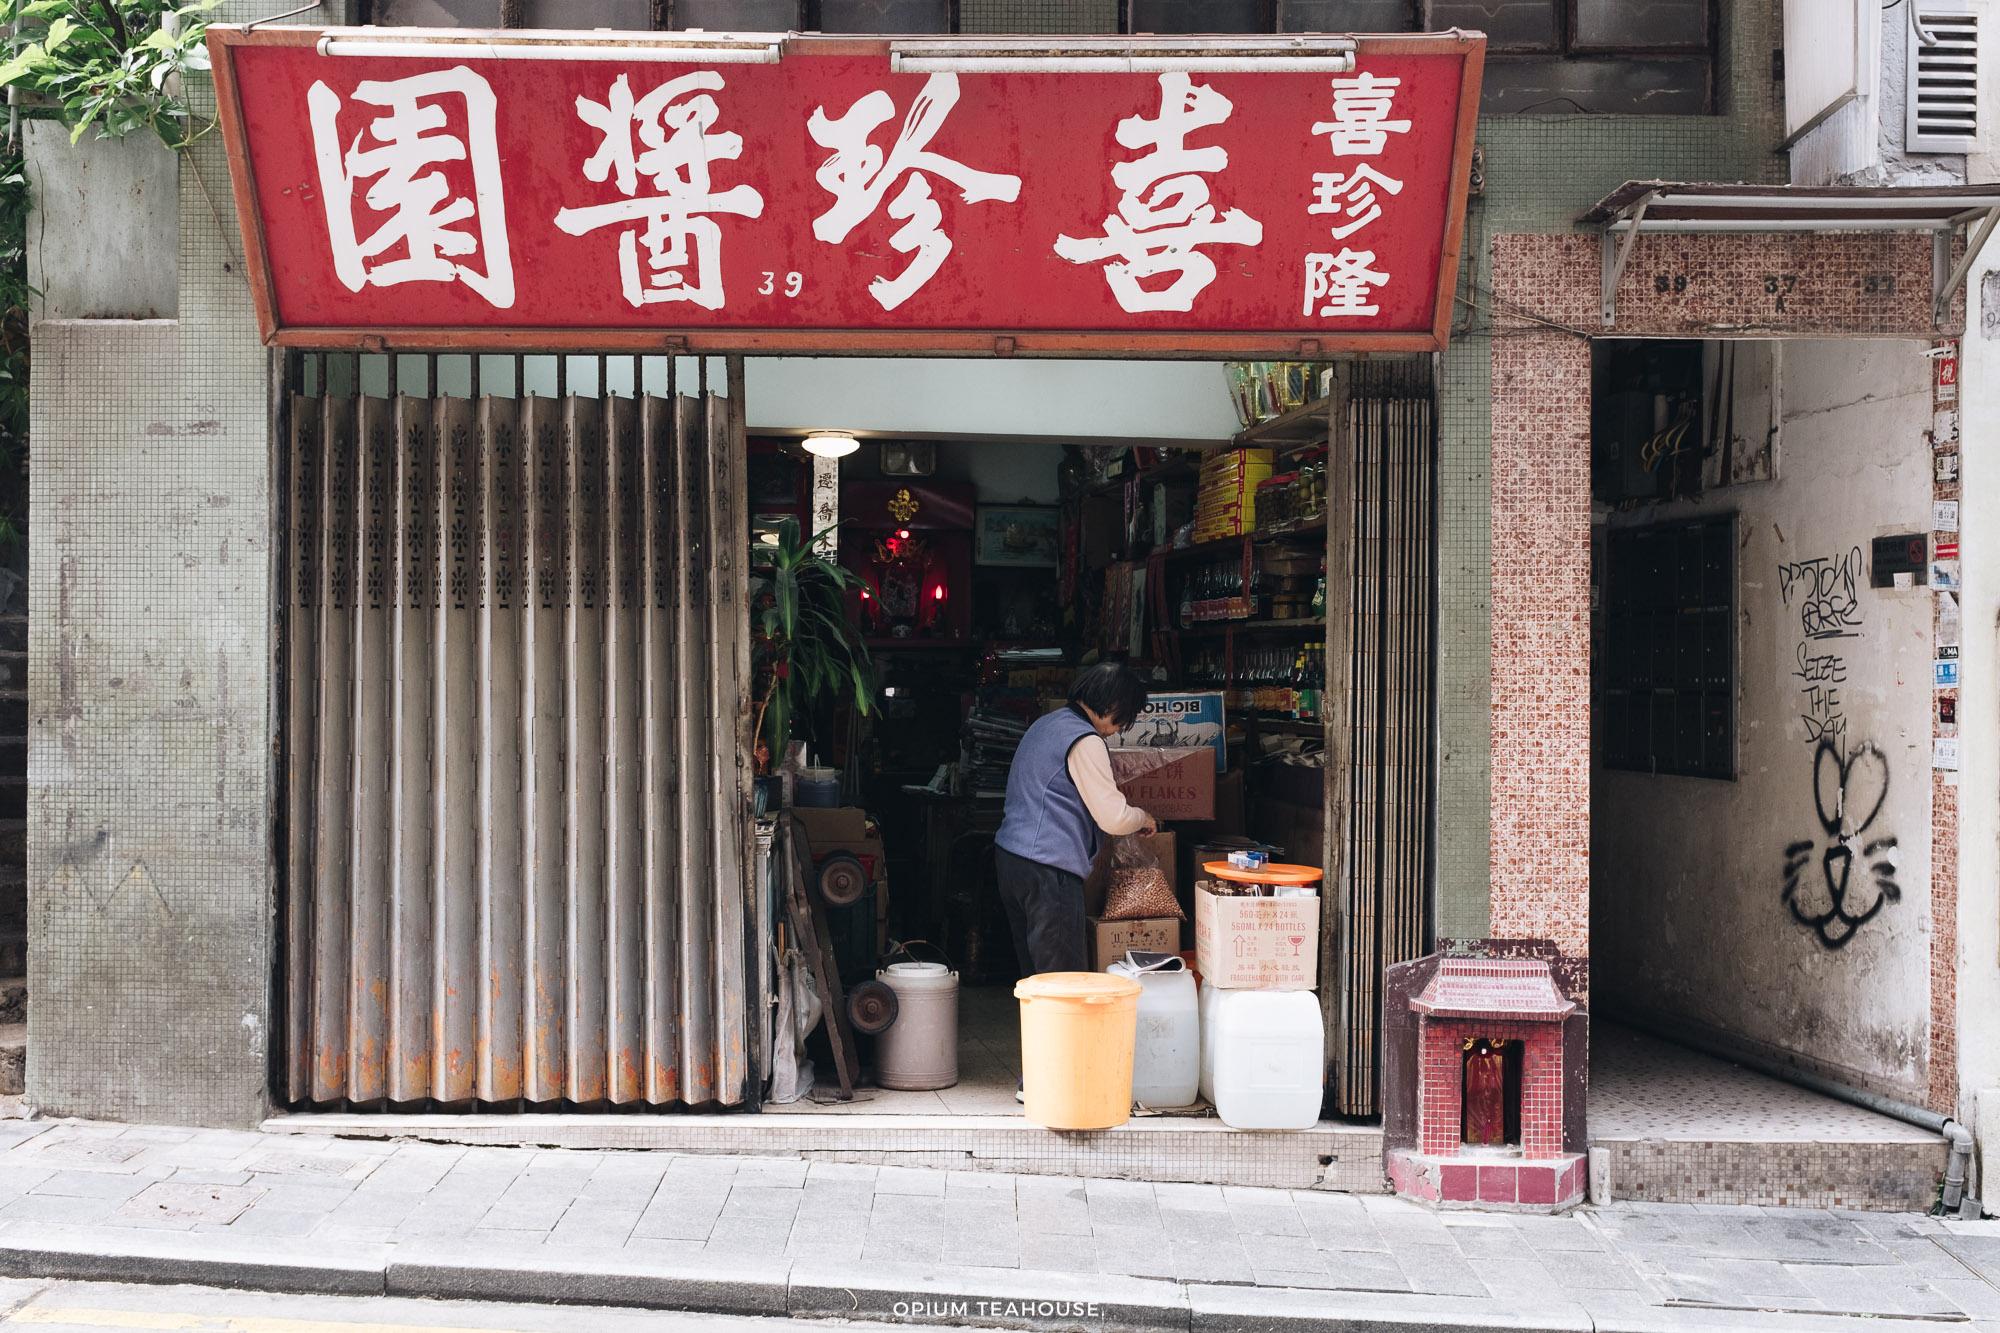 OTH_9224_2017, Central, Hong Kong.jpg